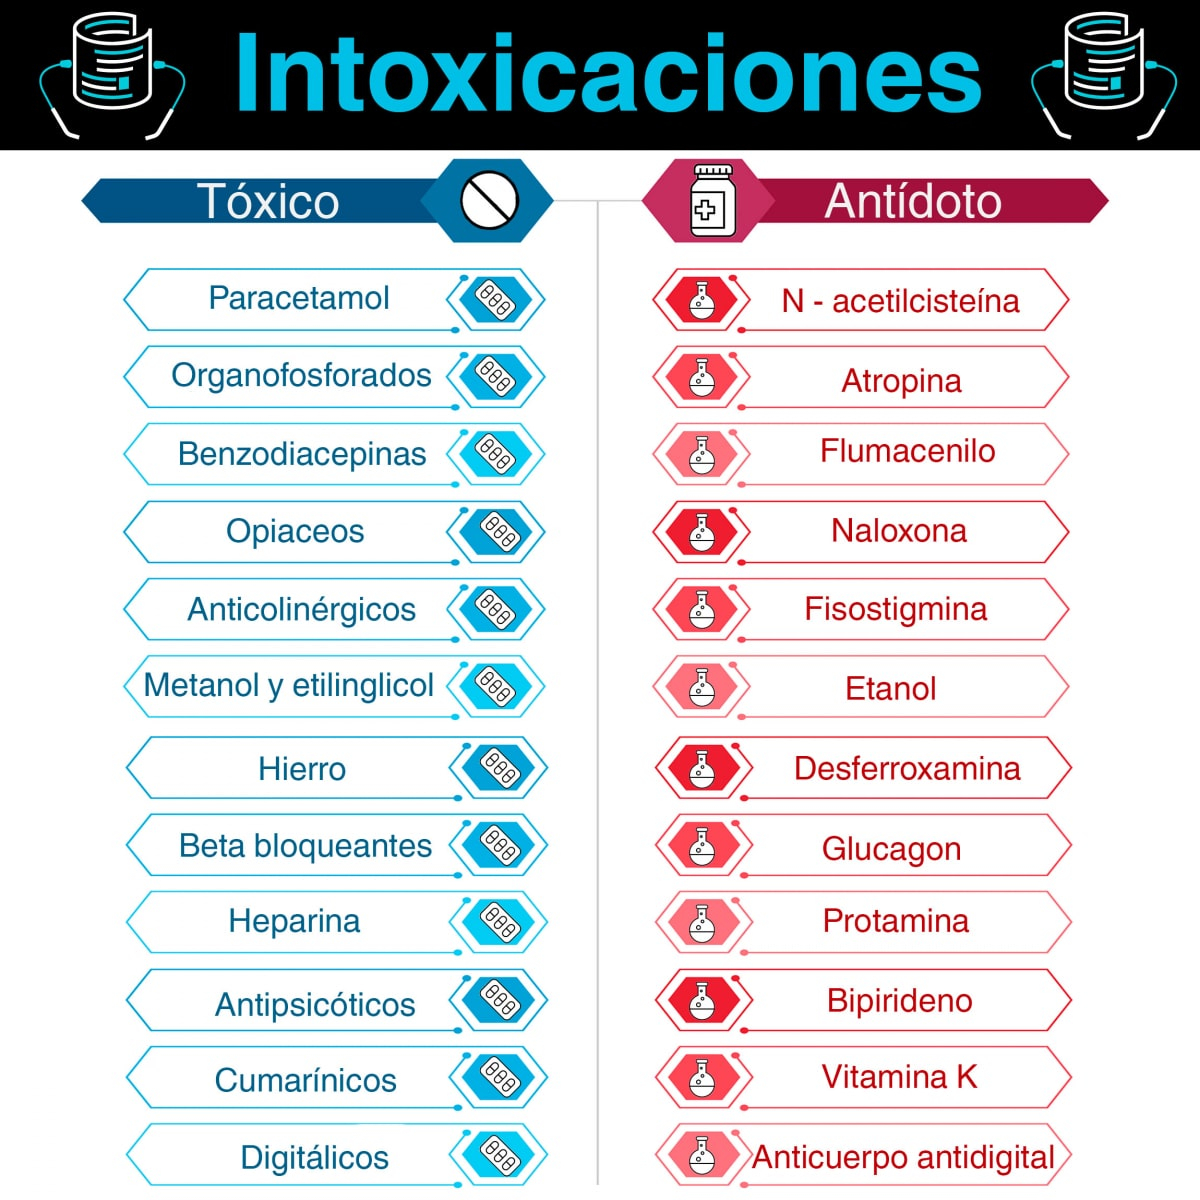 intoxicaciones-toxico